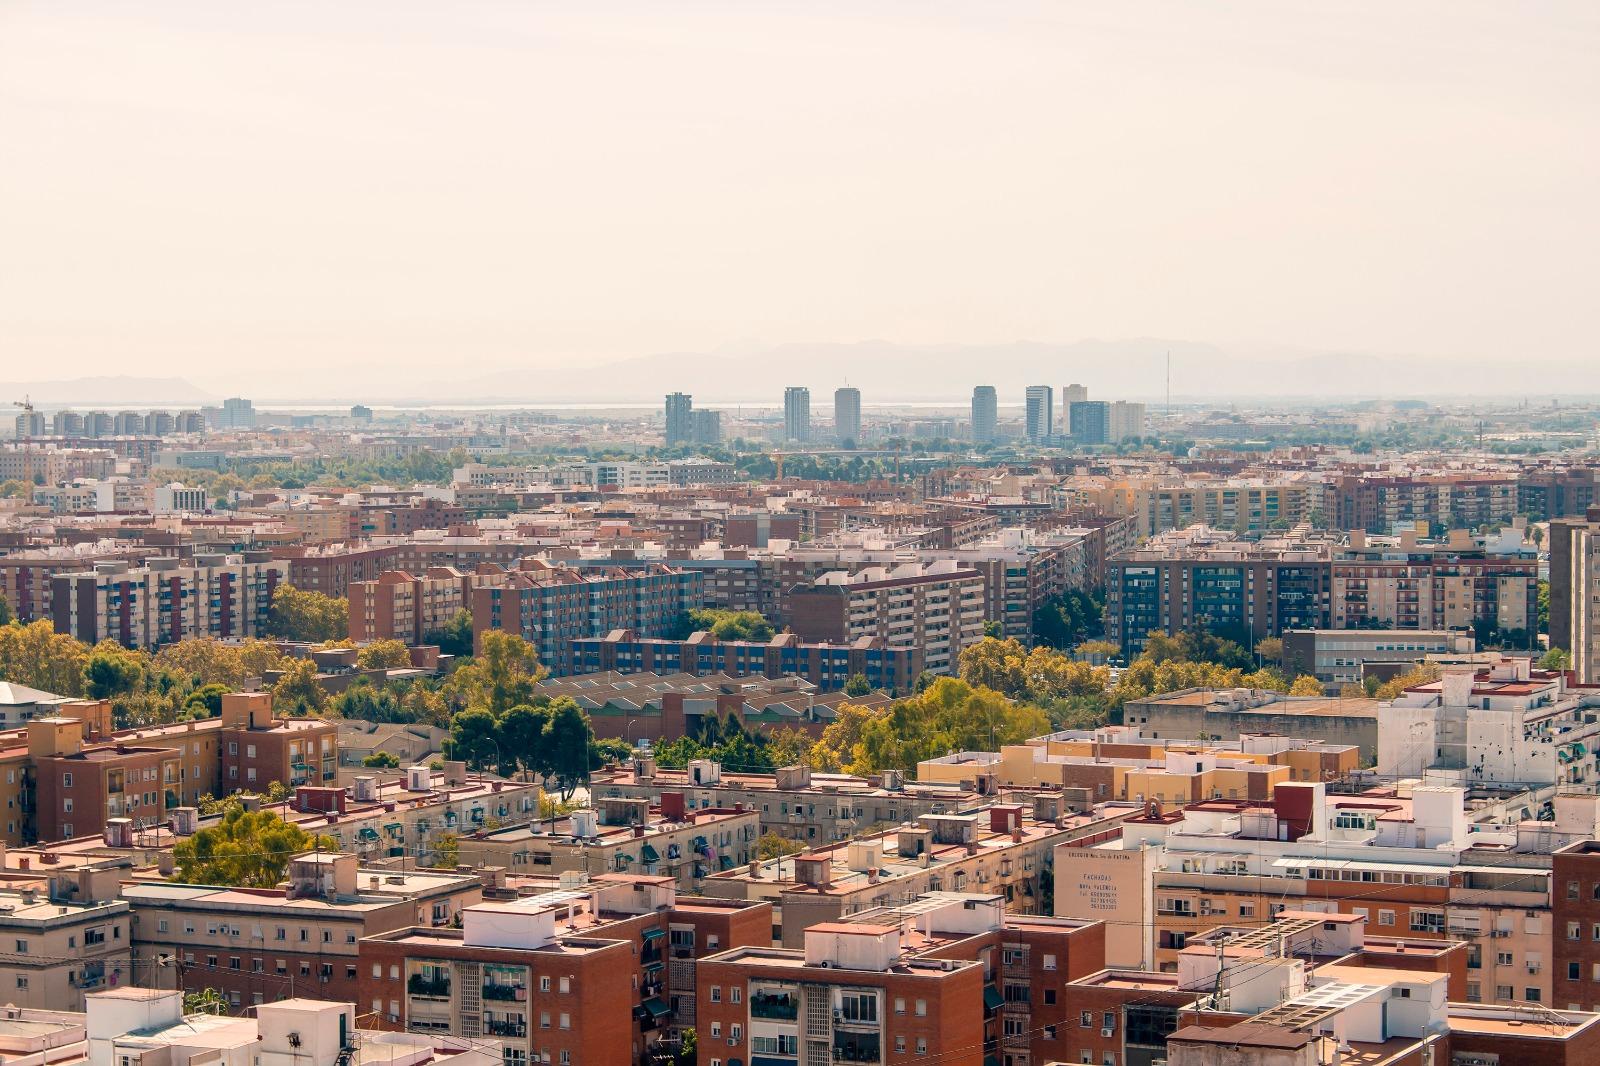 Un panel de 50 expertos y expertas ha elaborado el documento base para la redacción participada de la Agenda Urbana Valenciana